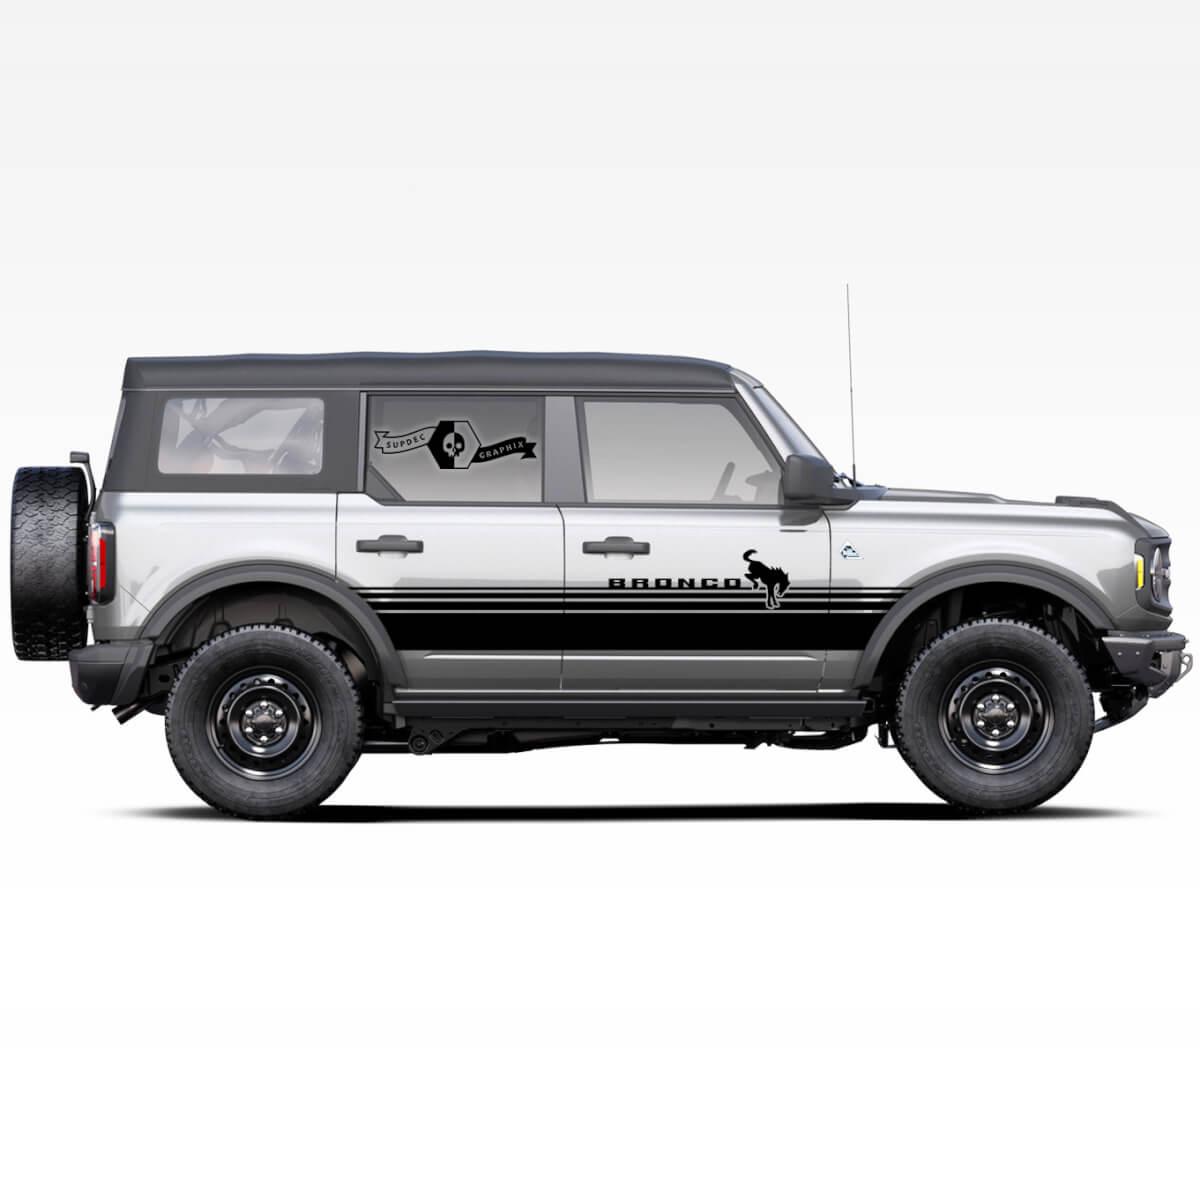 Seitentür Aufkleber Aufkleber für Ford Bronco 2021 - Jetzt Badland